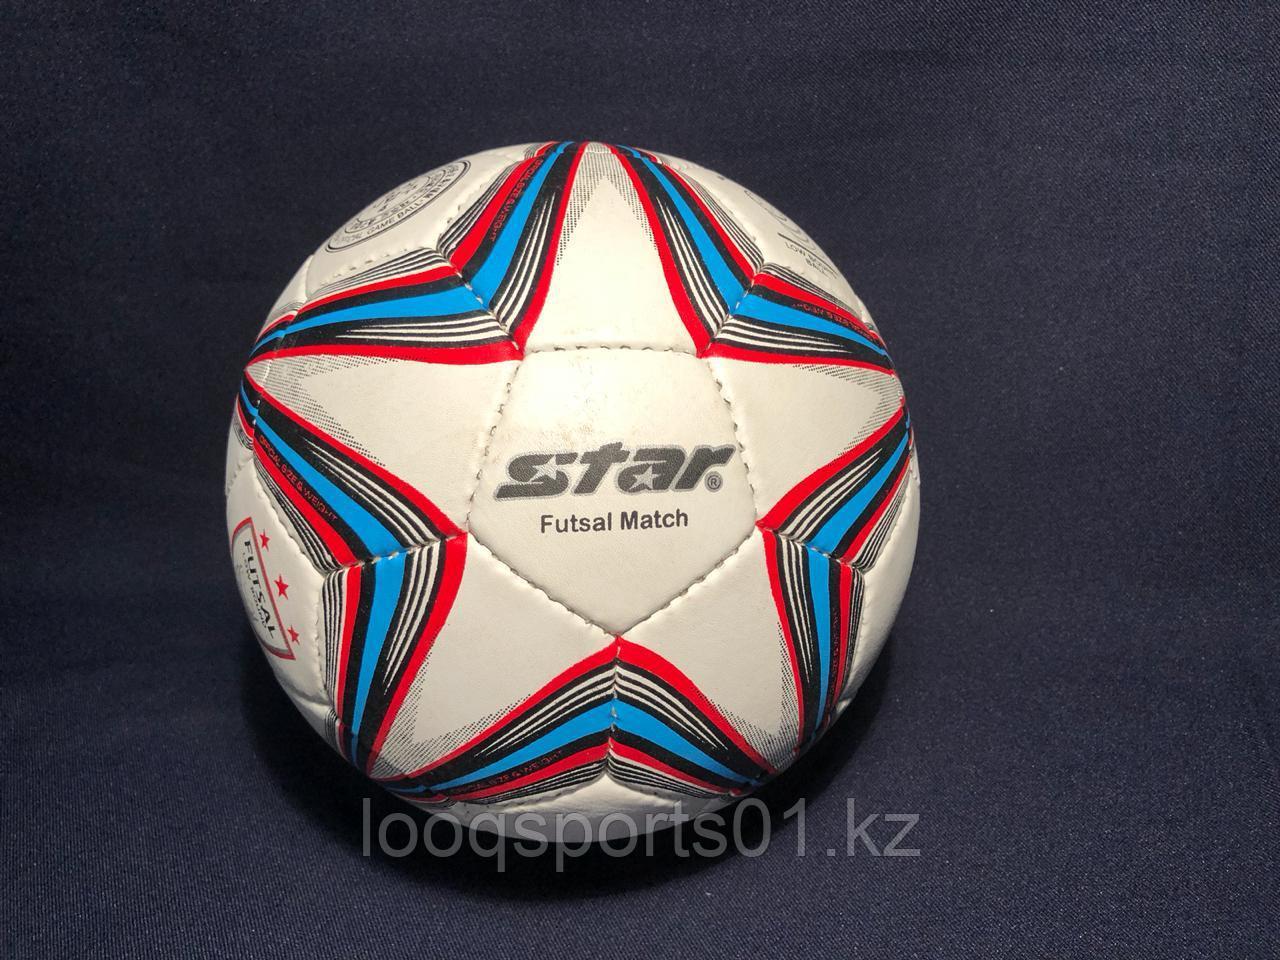 Футбольный мяч Star Futsal Match (4)